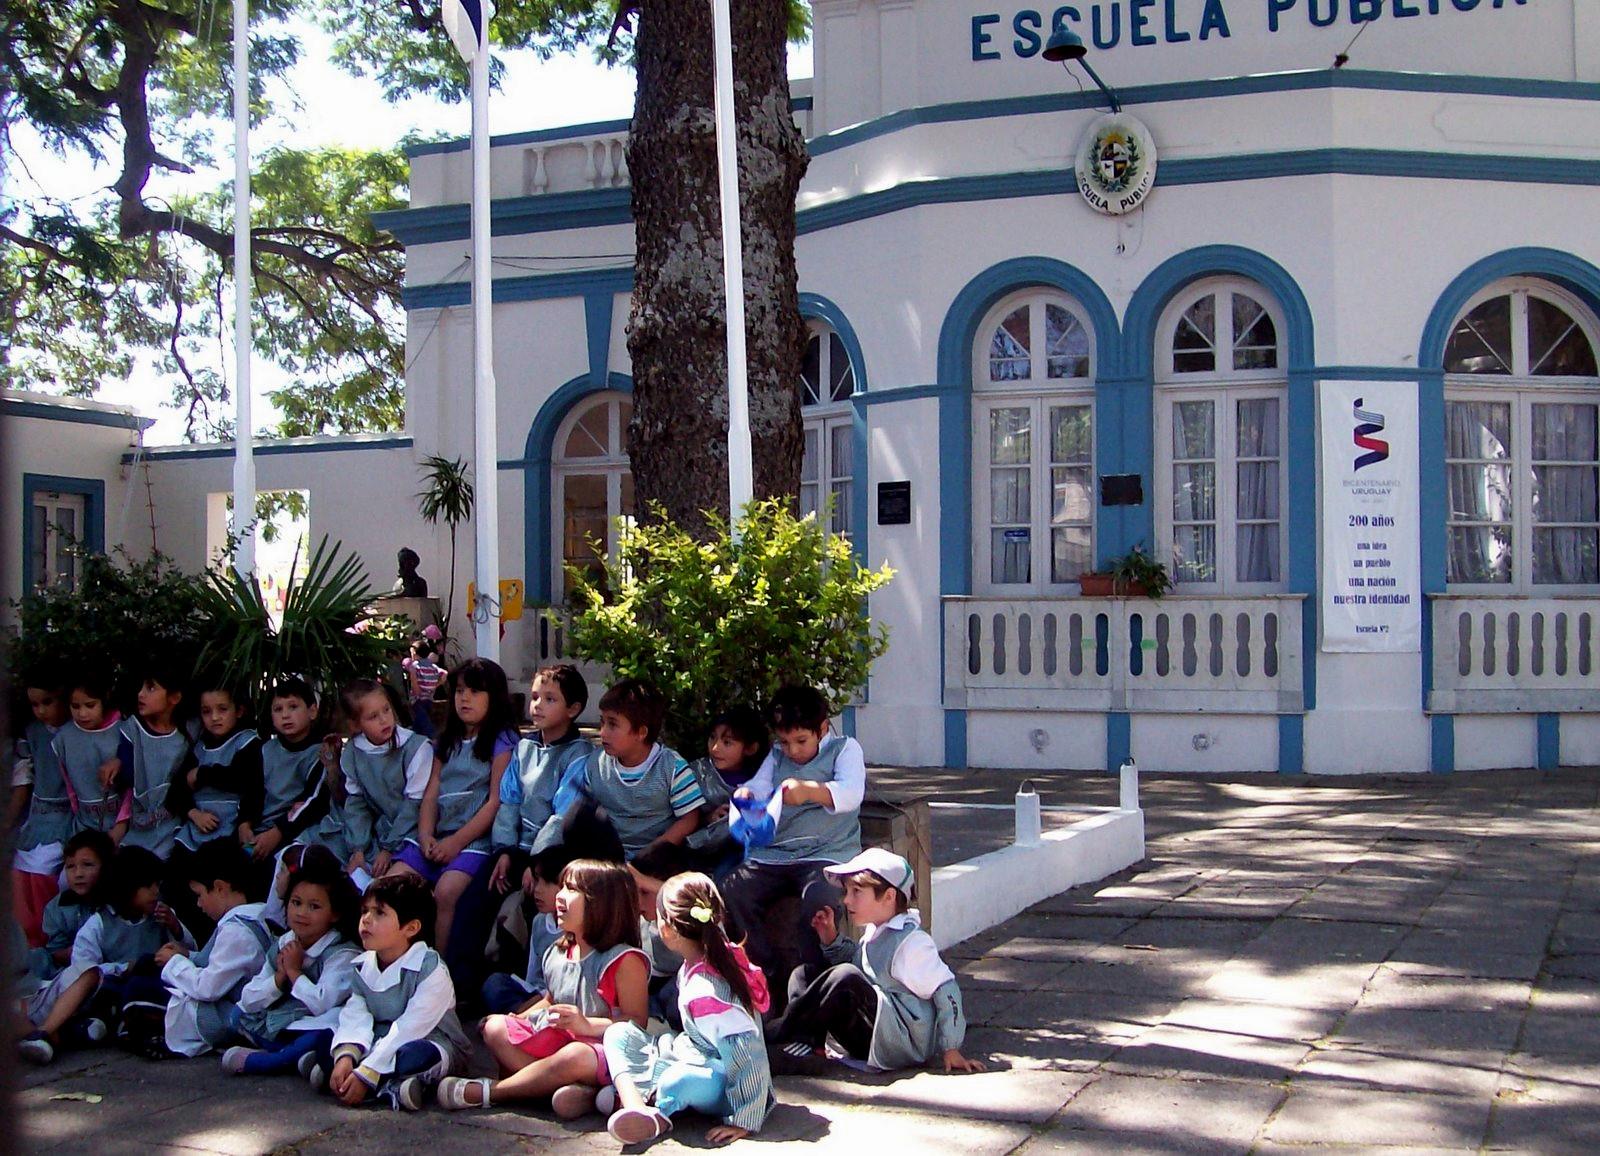 Schule in Colonia del Sacramento am Rio de la Plata